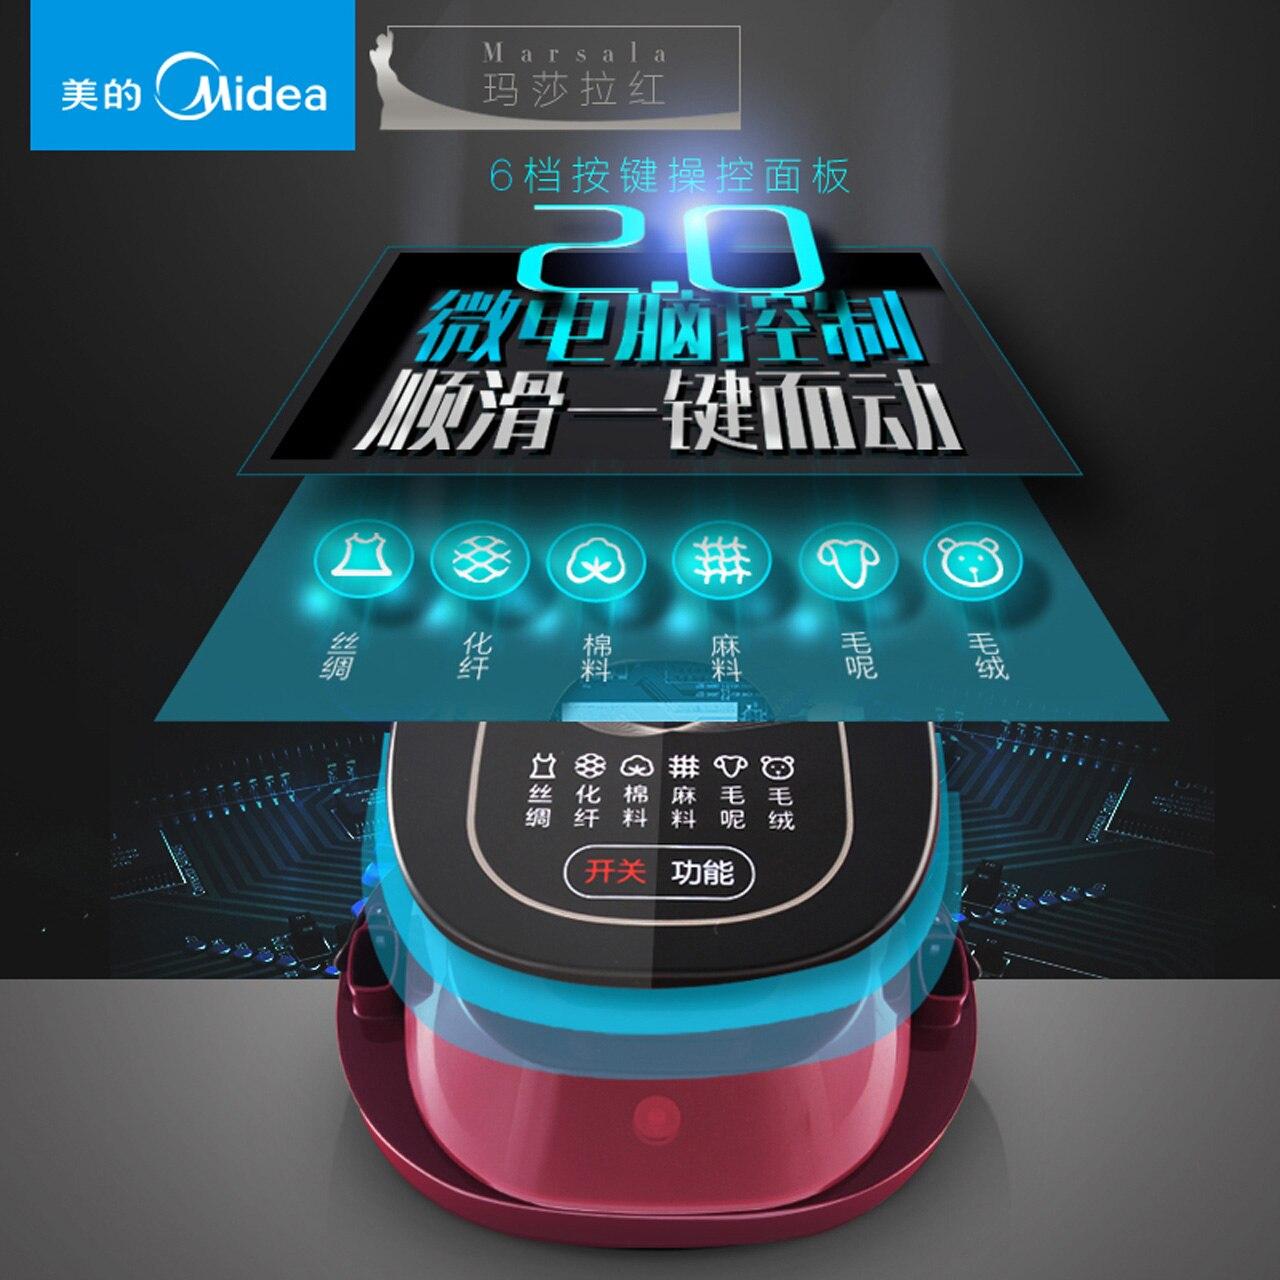 뜨거운 기계를 걸려고하는 Midea 스팀 정품 패킷 메일 - 가전 제품 - 사진 3